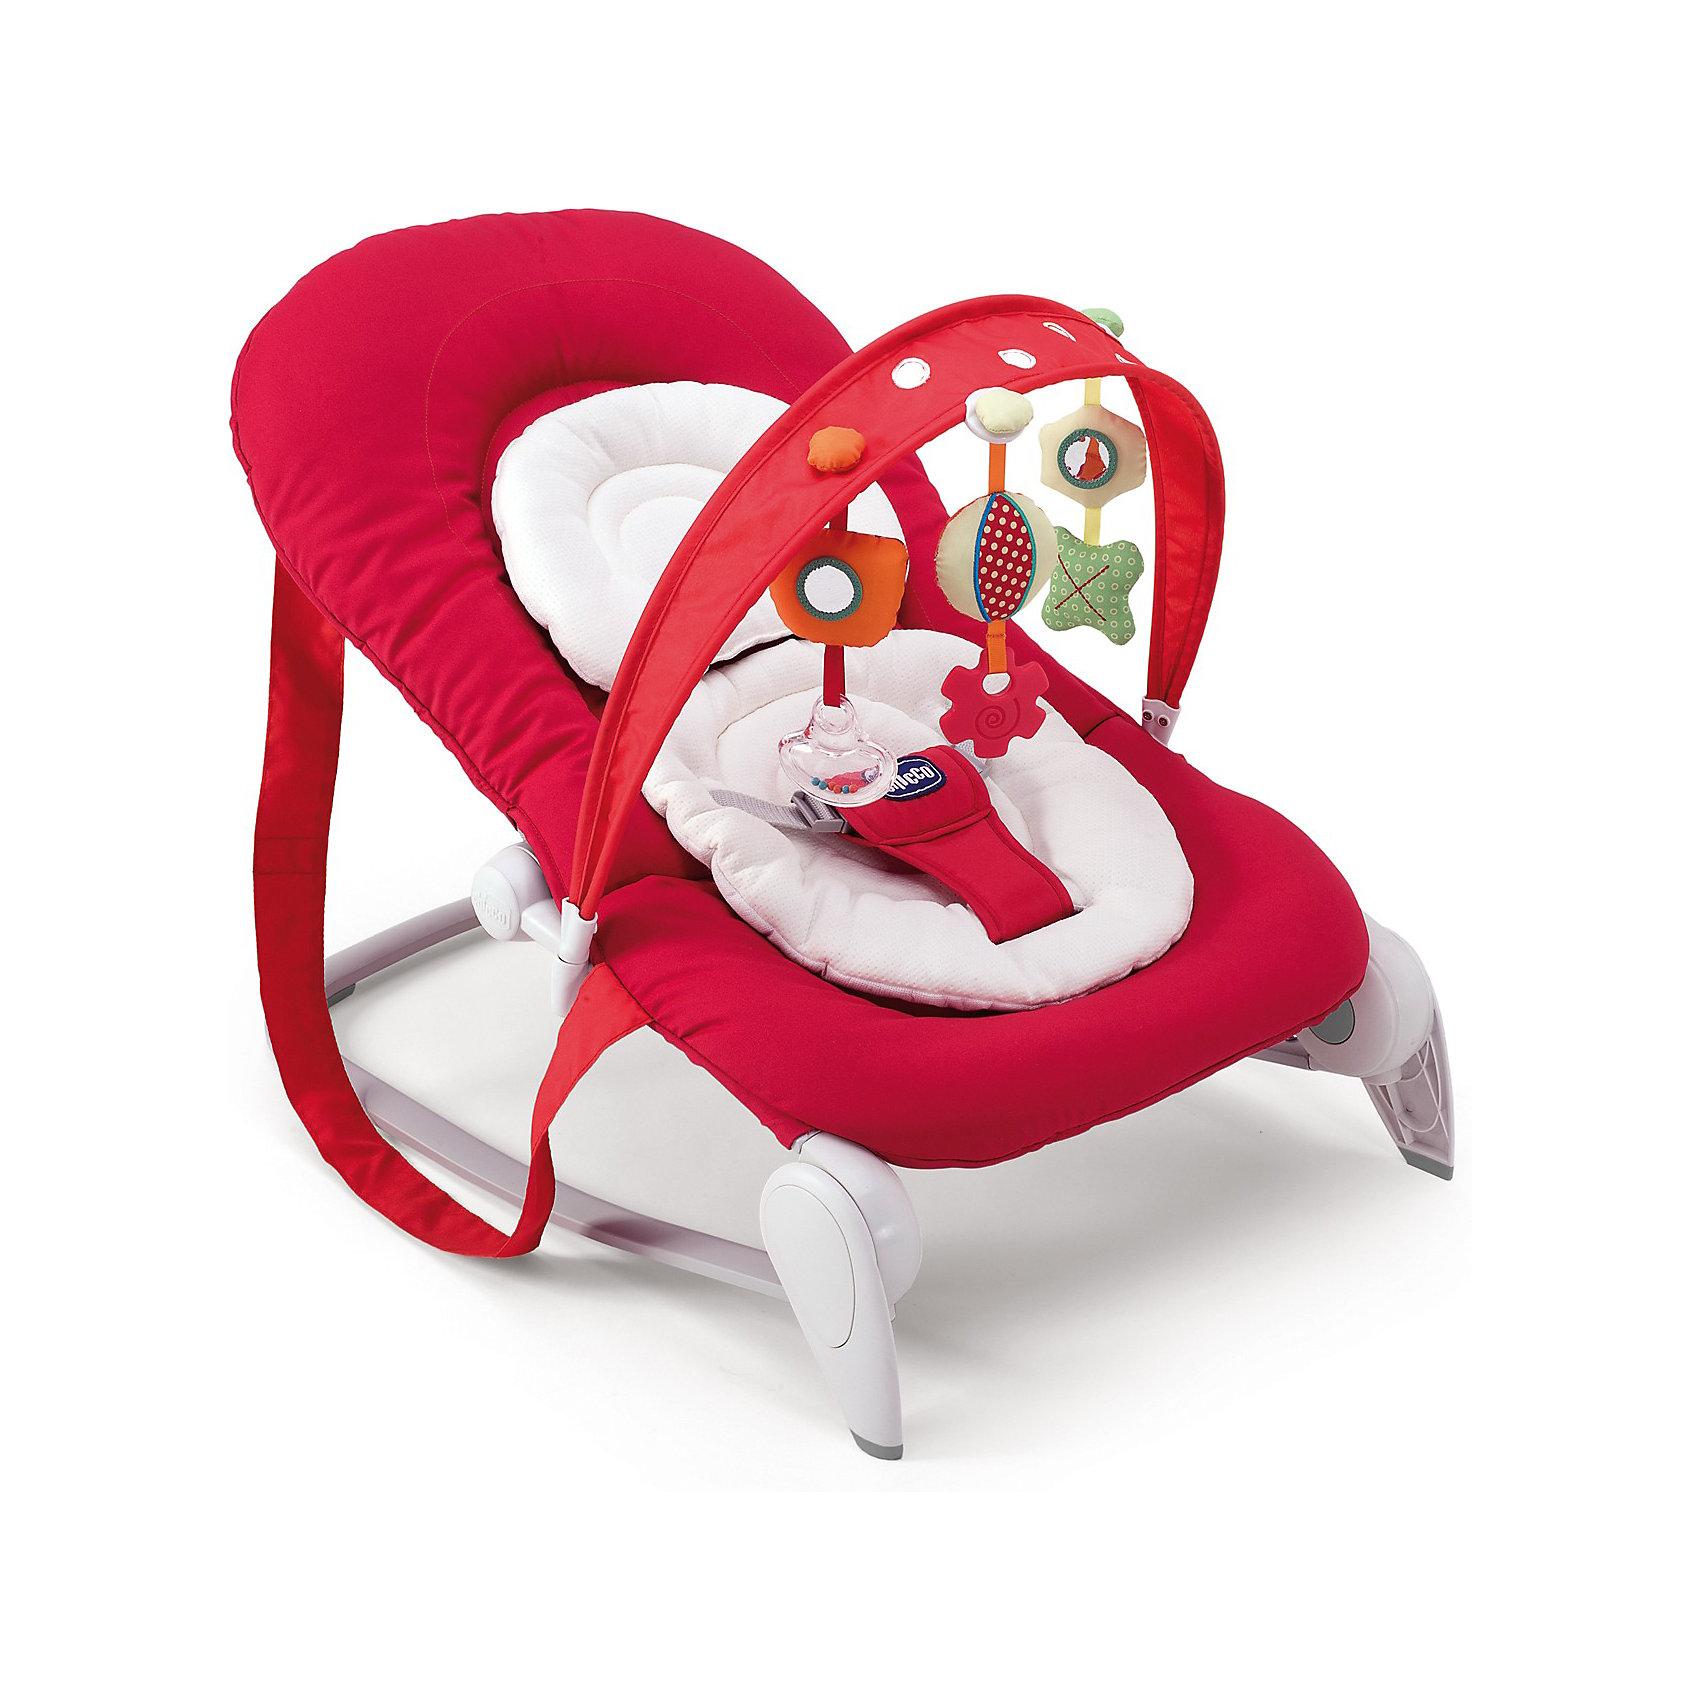 Шезлонг Hoopl? Red Wave, ChiccoШезлонг Hoopl? Red Wave, Chicco это легкое и удобное кресло-качалка для детей с рождения до 9 кг. (6 месяцев). Анатомическая конструкция кресла обеспечивает малышам правильное положение. Мягкое широкое сиденье со съемной моющейся подкладкой создает ребенку оптимальный комфорт. Спинка сиденья фиксируется с помощью боковых кнопок в четырех положениях, позволяя выбрать подходящее. Подголовник регулируется по высоте ребенка. Кресло можно легко зафиксировать в статичном положении, либо трансформировать его в кресло-качалку. Ребенок надежно удерживается в кресле при помощи мягкого трехточечного ремня безопасности. <br><br>Для развлечения малыша к шезлонгу можно прикрепить съемную подвеску с тремя забавными игрушками, которые будут способствовать двигательной активности, тактильному и сенсорному развитию. Благодаря системе Slide Line игрушки можно перемещать вдоль арки, что несомненно понравится малышу. Кресло-качалка легко складывается, не занимает много места при хранении. Чехол из ткани легко снимется и стирается при комнатной температуре. Максимальный вес ребенка - 9  кг.<br><br>Дополнительная информация:<br><br>- Цвет: красный.<br>- Материал: сталь, полипропилен, полиуретан, текстиль, нейлон.<br>- Возраст: 0-6 мес.<br>- Размер в разложенном виде: 78 х 43 х 62 см.<br>- Размер в сложенном виде: 78 х 43 х 32 см.<br>- Размер упаковки: 79 х 50 х 14 см.<br>- Вес с упаковкой: 9 кг.<br><br>Шезлонг Hoopl? Red Wave, Chicco можно купить в нашем интернет-магазине.<br><br>Ширина мм: 800<br>Глубина мм: 142<br>Высота мм: 552<br>Вес г: 4477<br>Цвет: красный<br>Возраст от месяцев: 0<br>Возраст до месяцев: 6<br>Пол: Унисекс<br>Возраст: Детский<br>SKU: 3402418